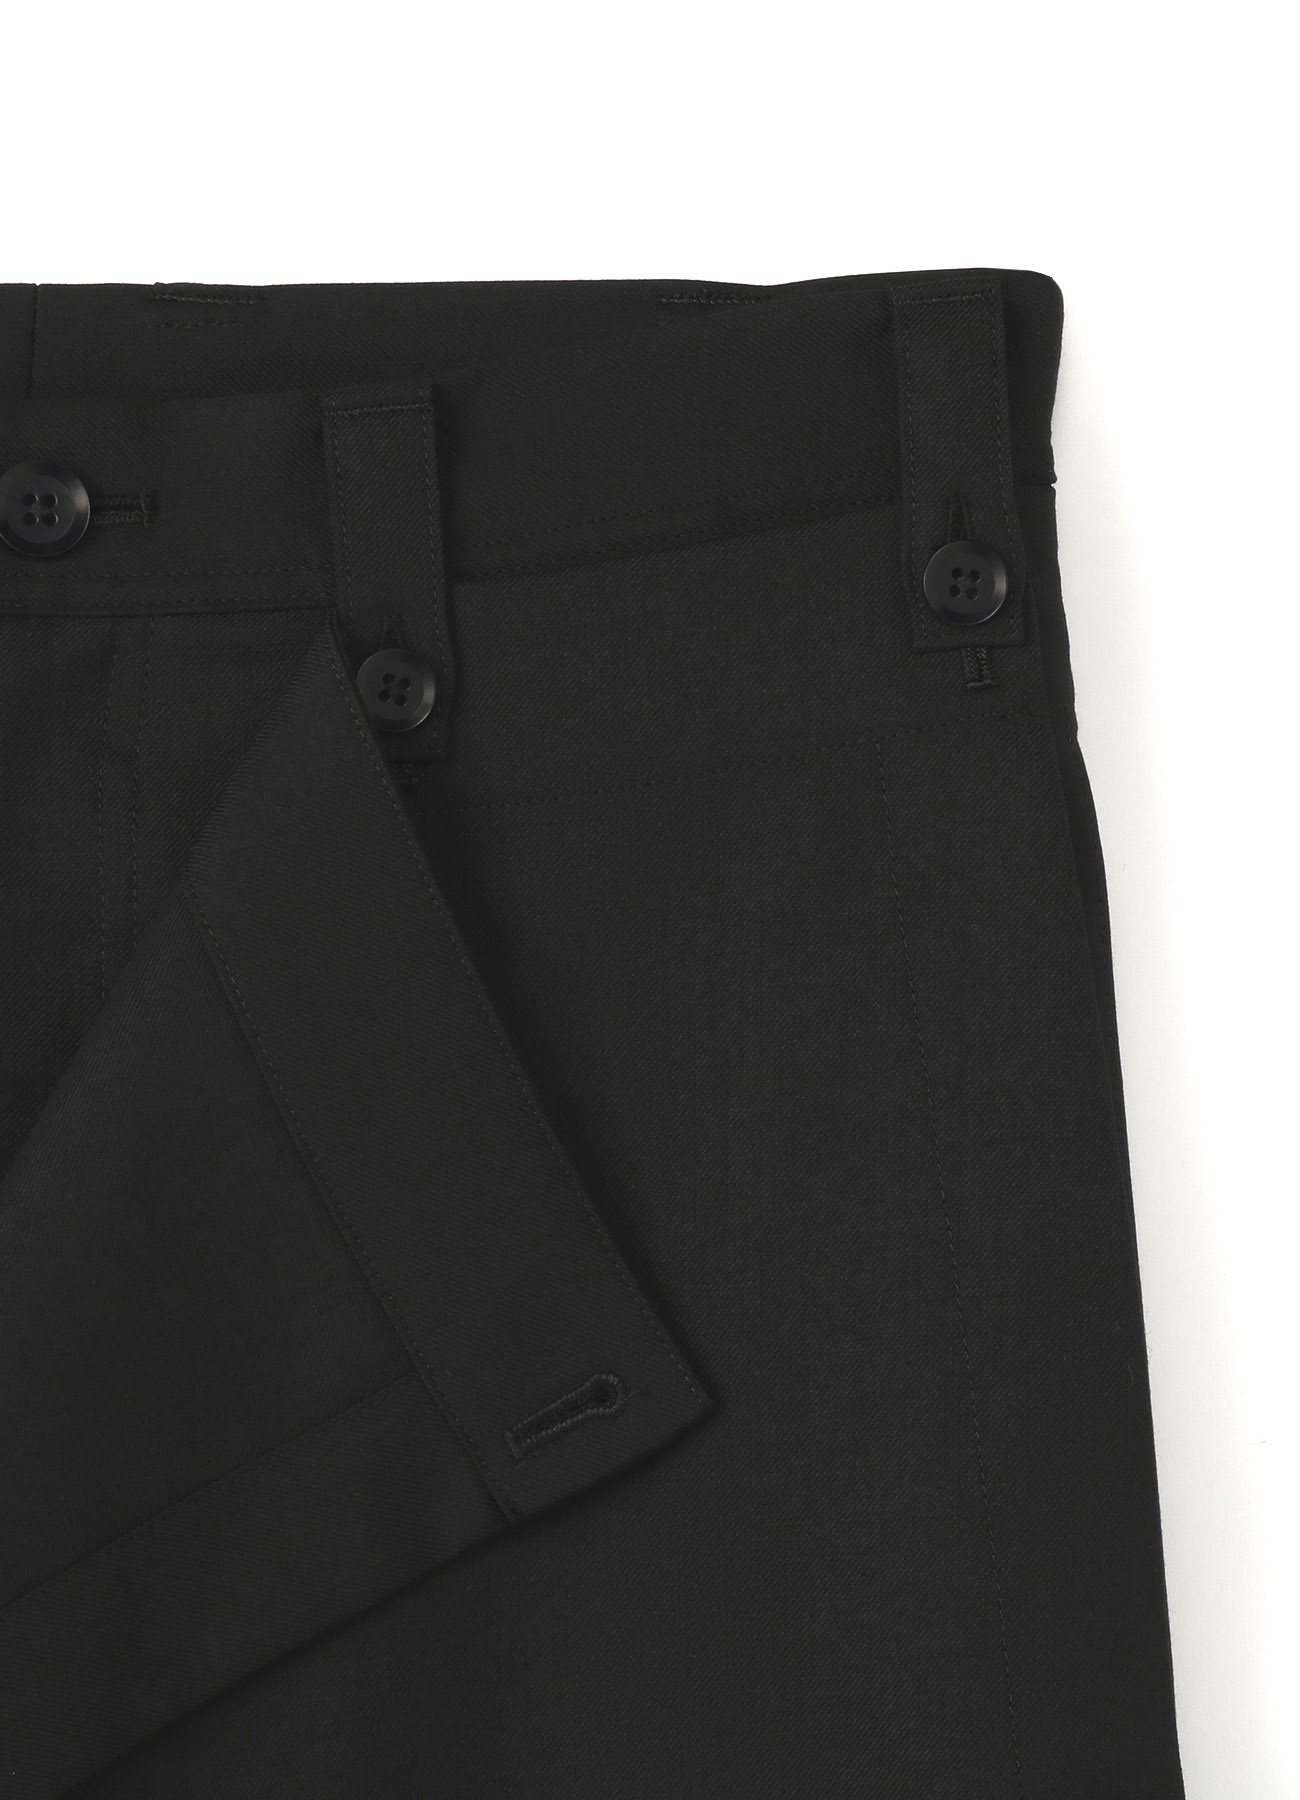 经典W / E. 轧别丁哔叽 Tuck裤子附有裙子